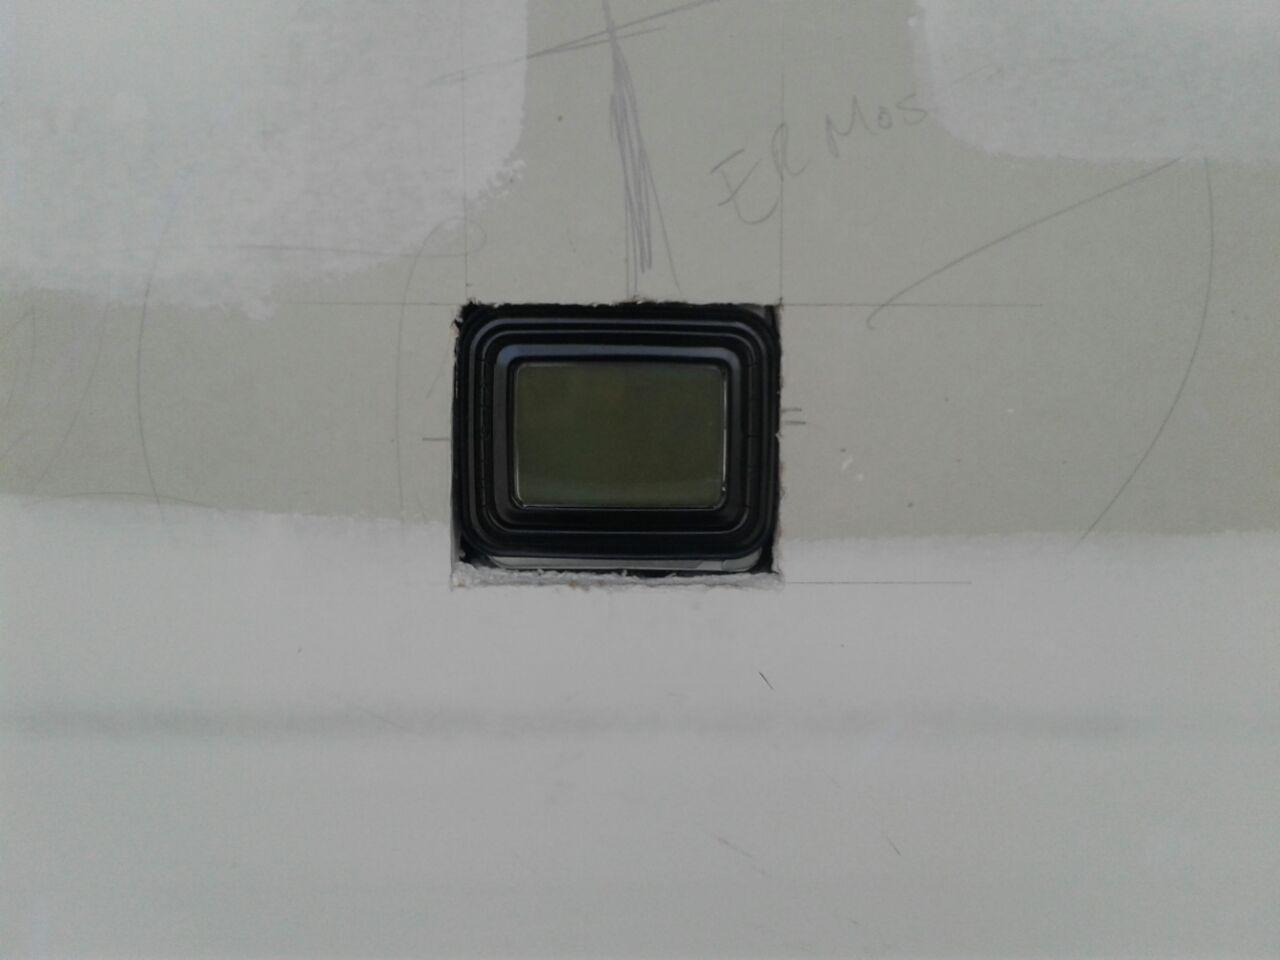 התקנה של תרמוסטט רגיל במקום שקוע בקיר, בצורה חאפרית  (צילום: הגר צבר)